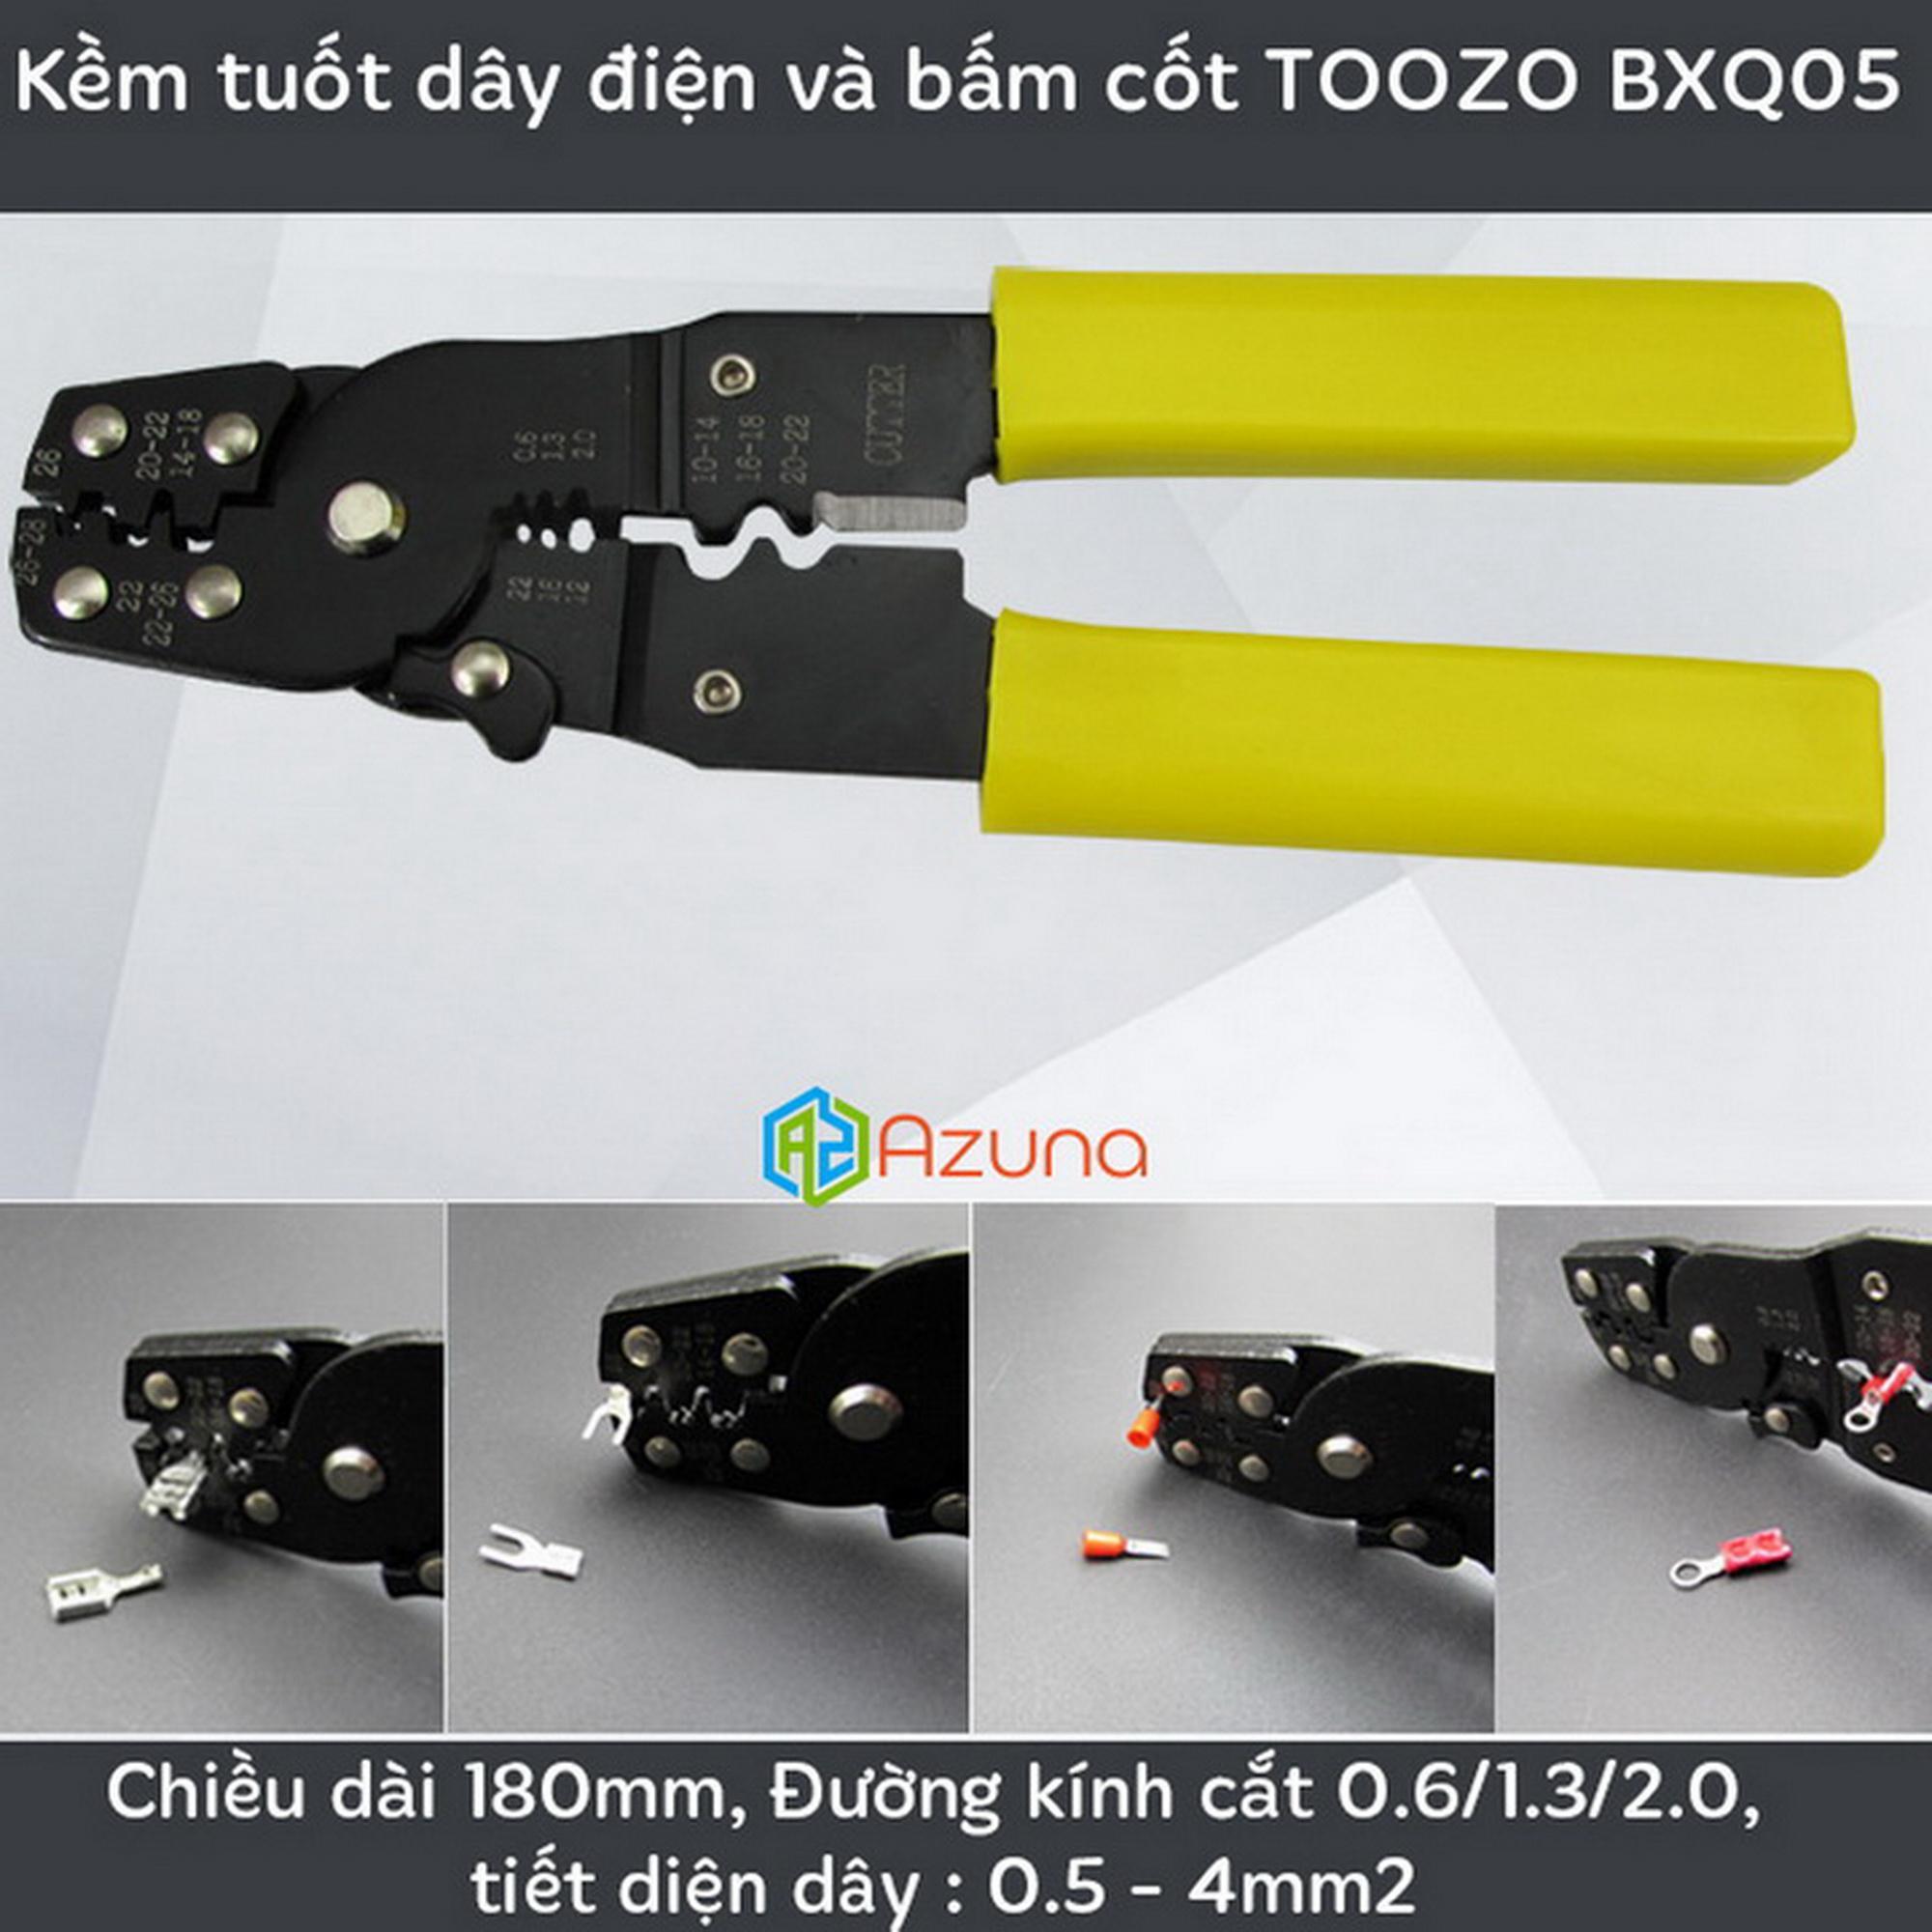 Kềm tuốt dây và bấm cos TOOZO BXQ05 ( Kìm bấm cốt )